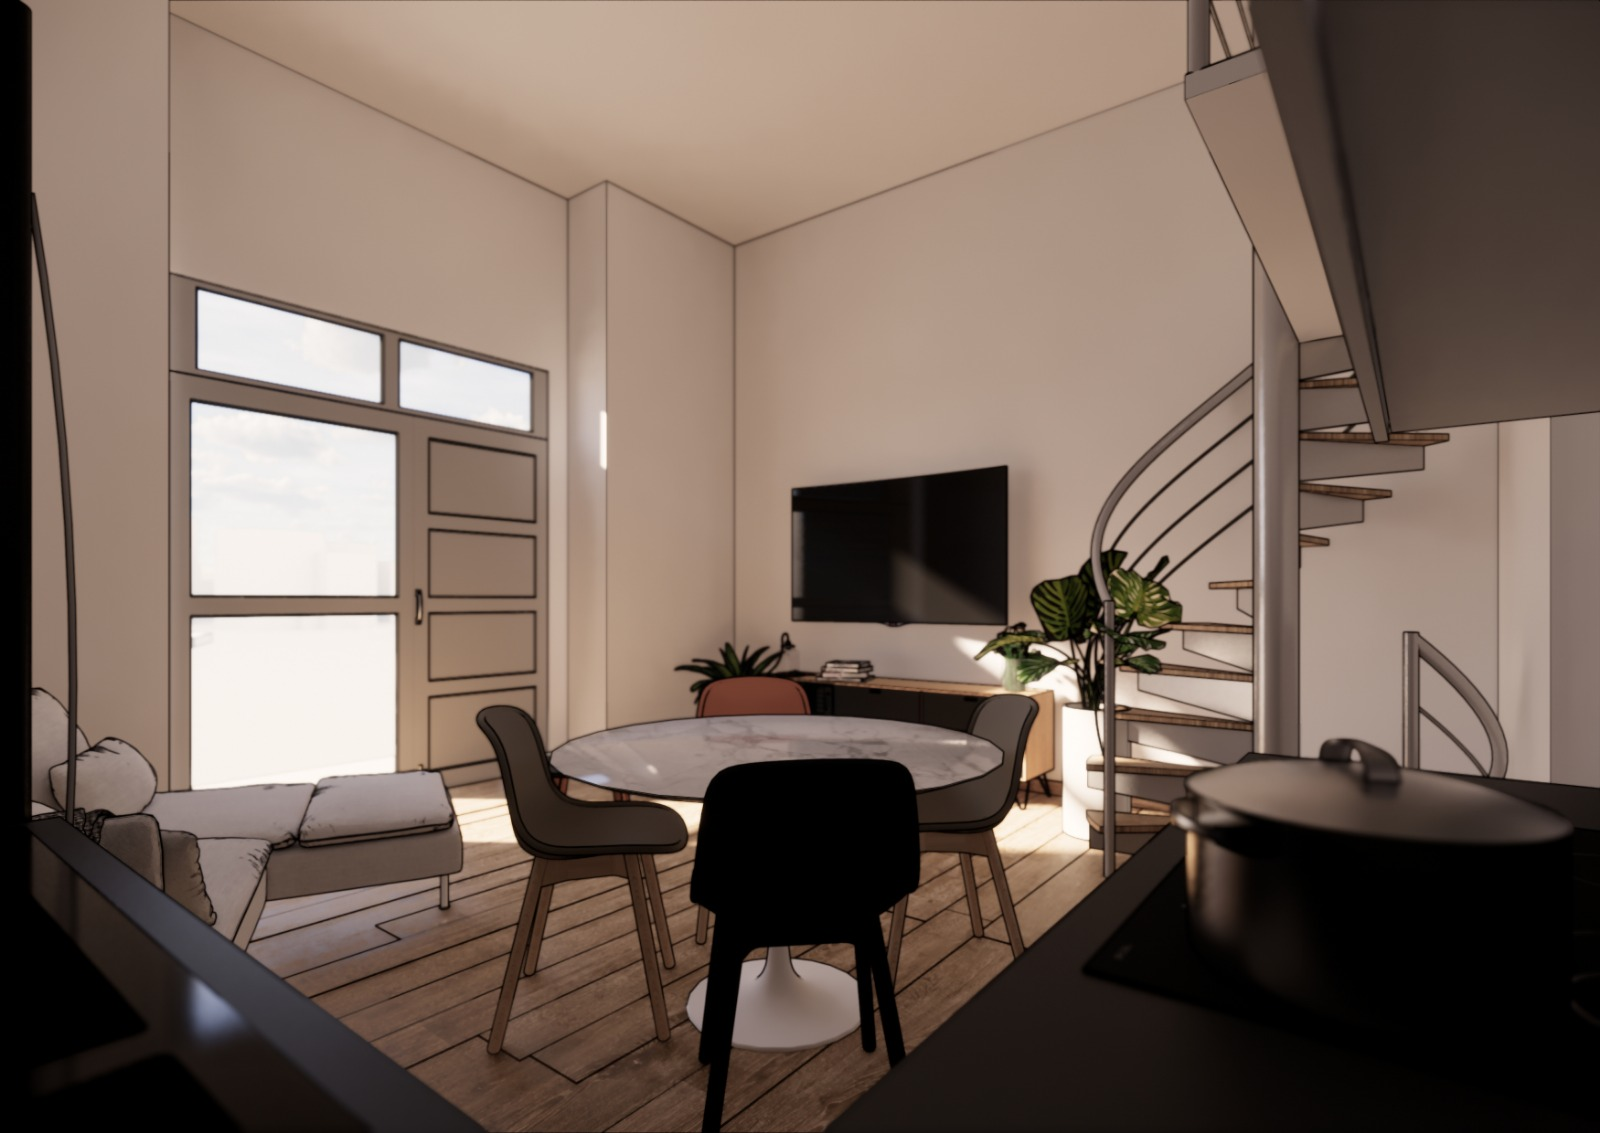 Rif. 564 – Loft nuova costruzione Via Villar Fiocchiardo n.15, Torino